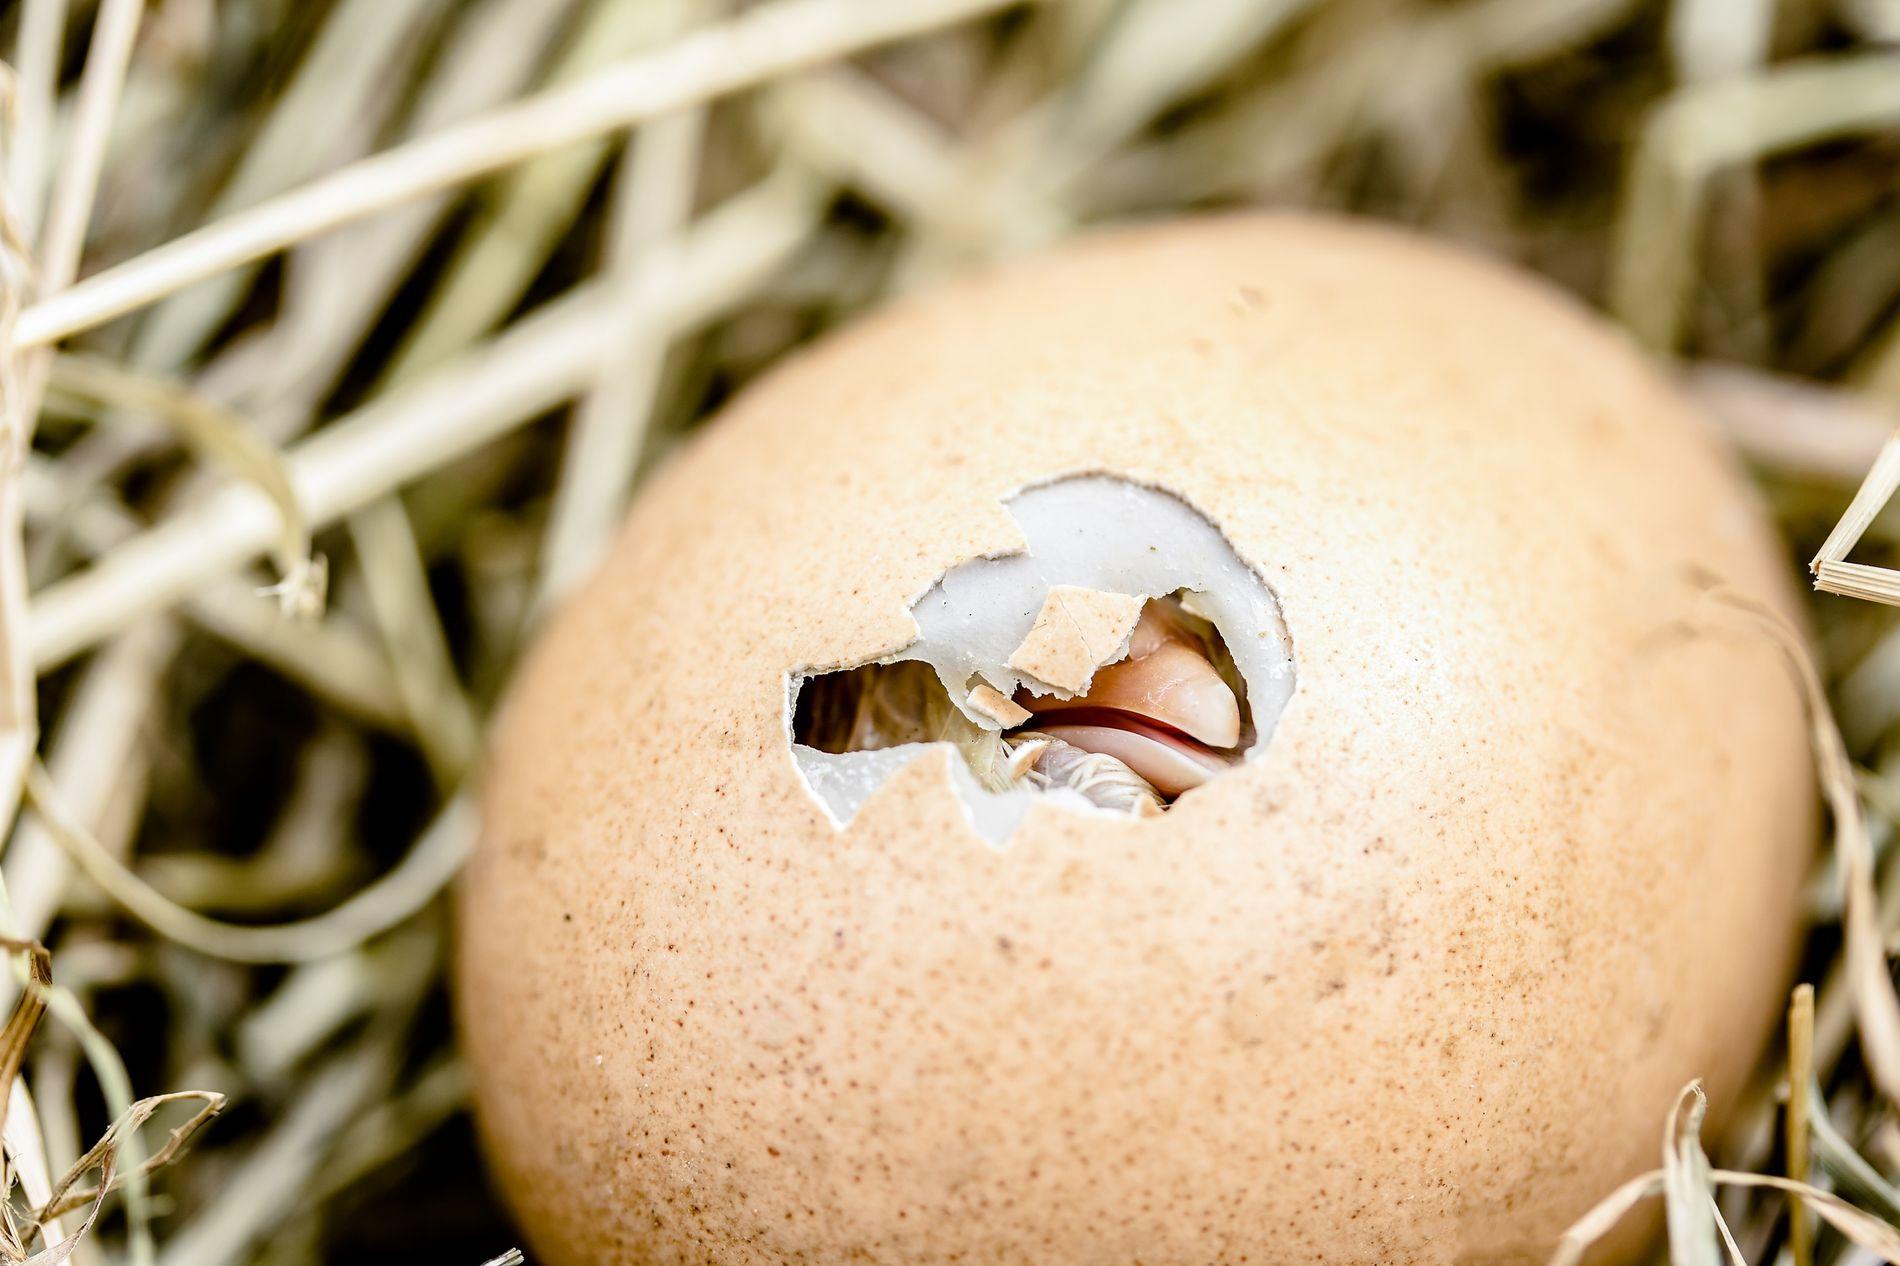 Éclosion d'un œuf de poule